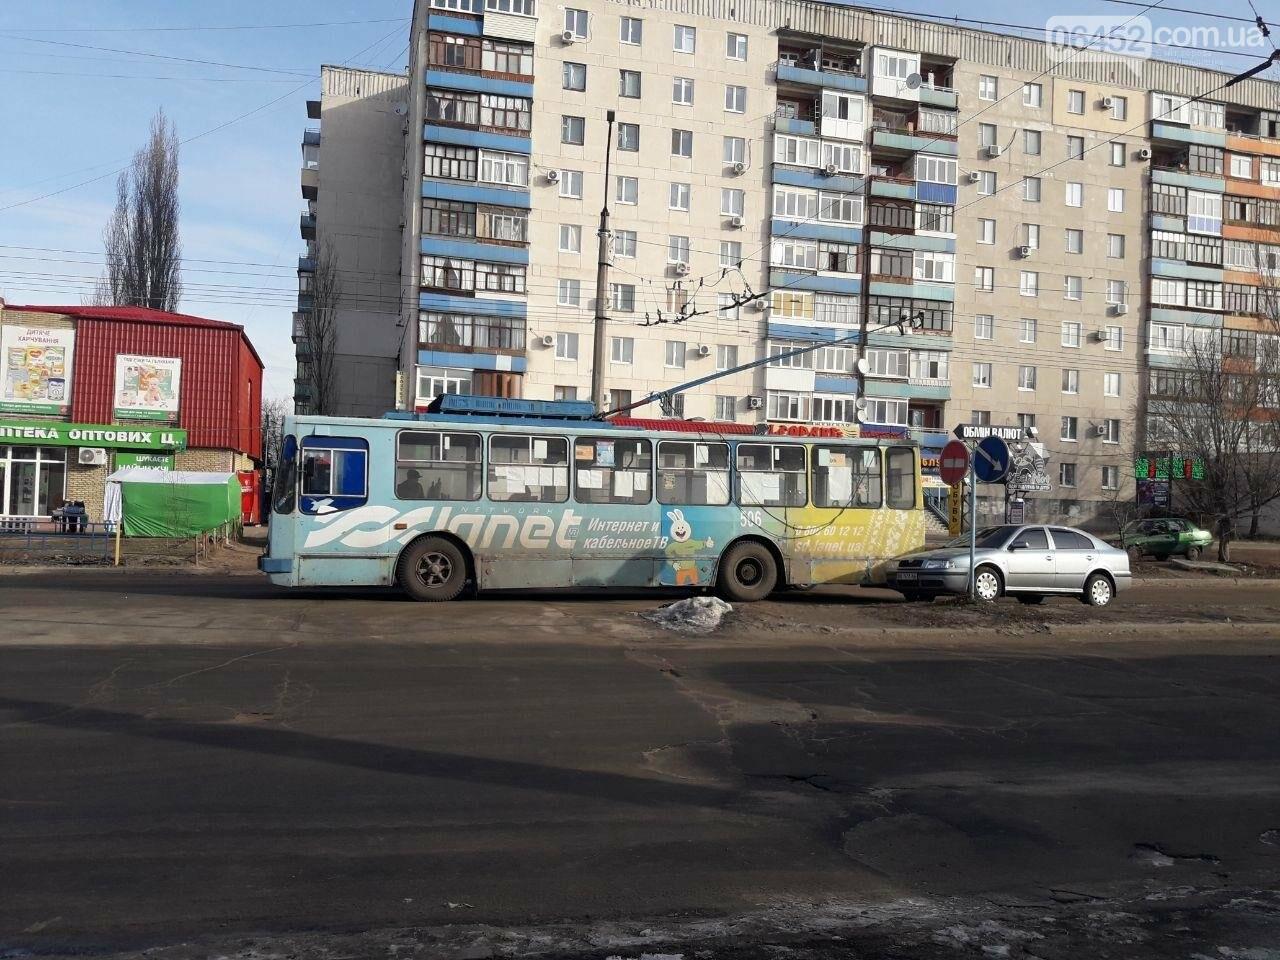 Потеря электрического напряжения: в Северодонецке стояли троллейбусы, фото-3